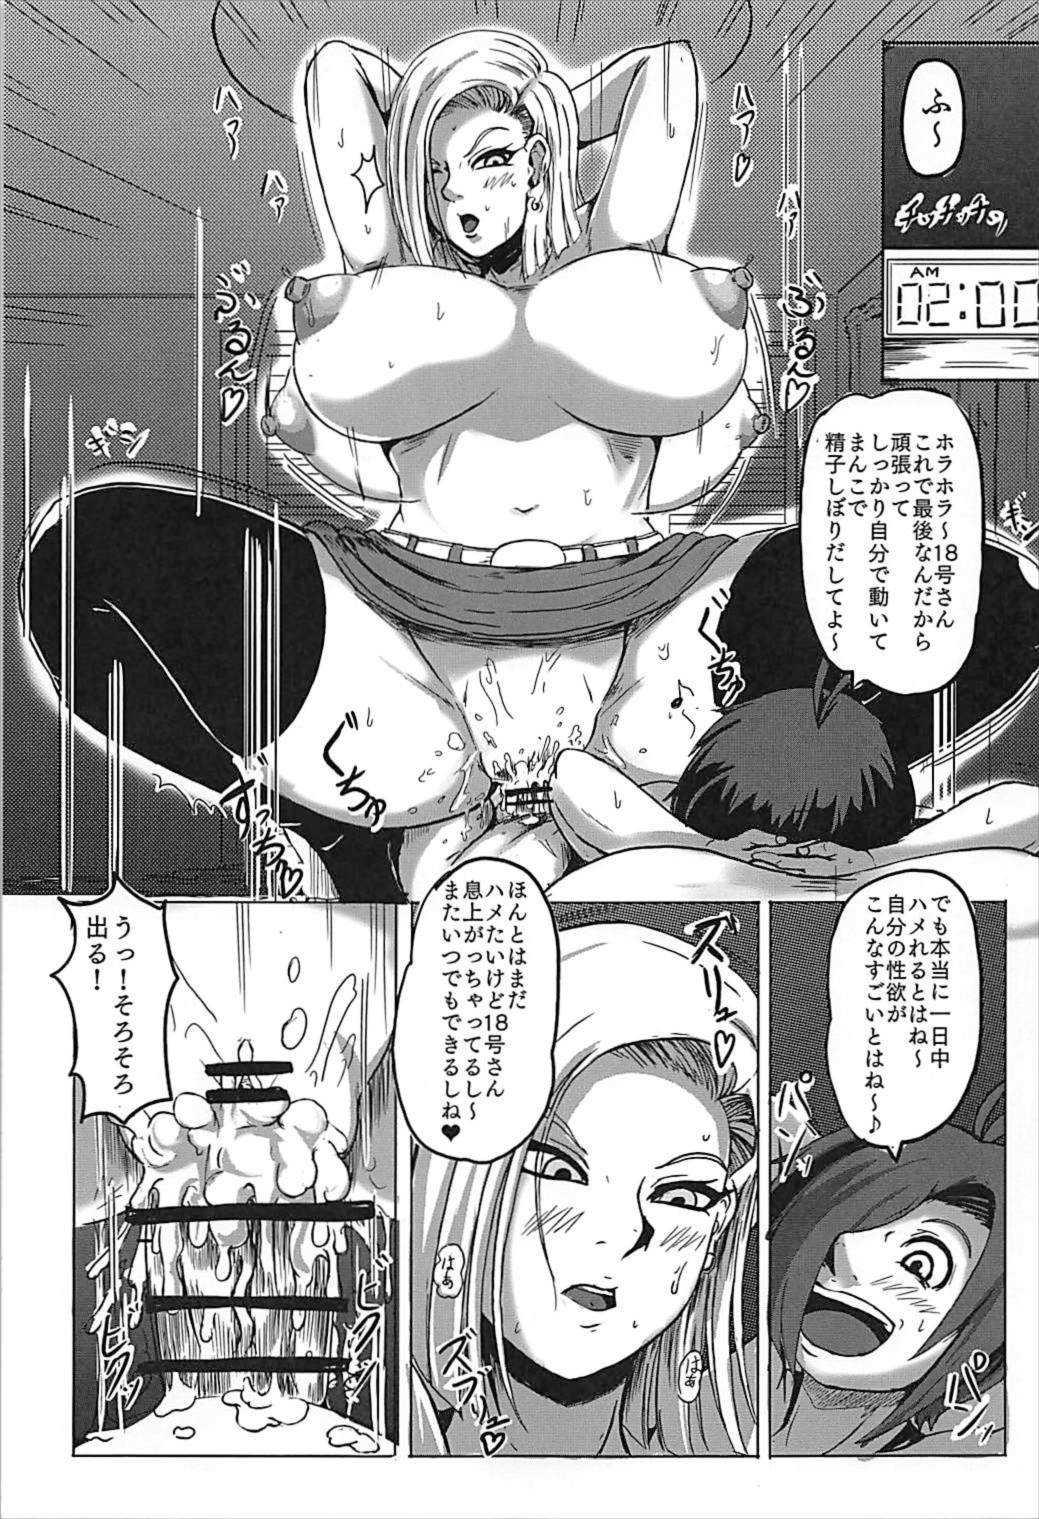 【エロ同人誌】メイドロイドの18号の羞恥心を0設定にしたらどんなにエロいこともヤりたい放題www【ドラゴンボールZ/C93】